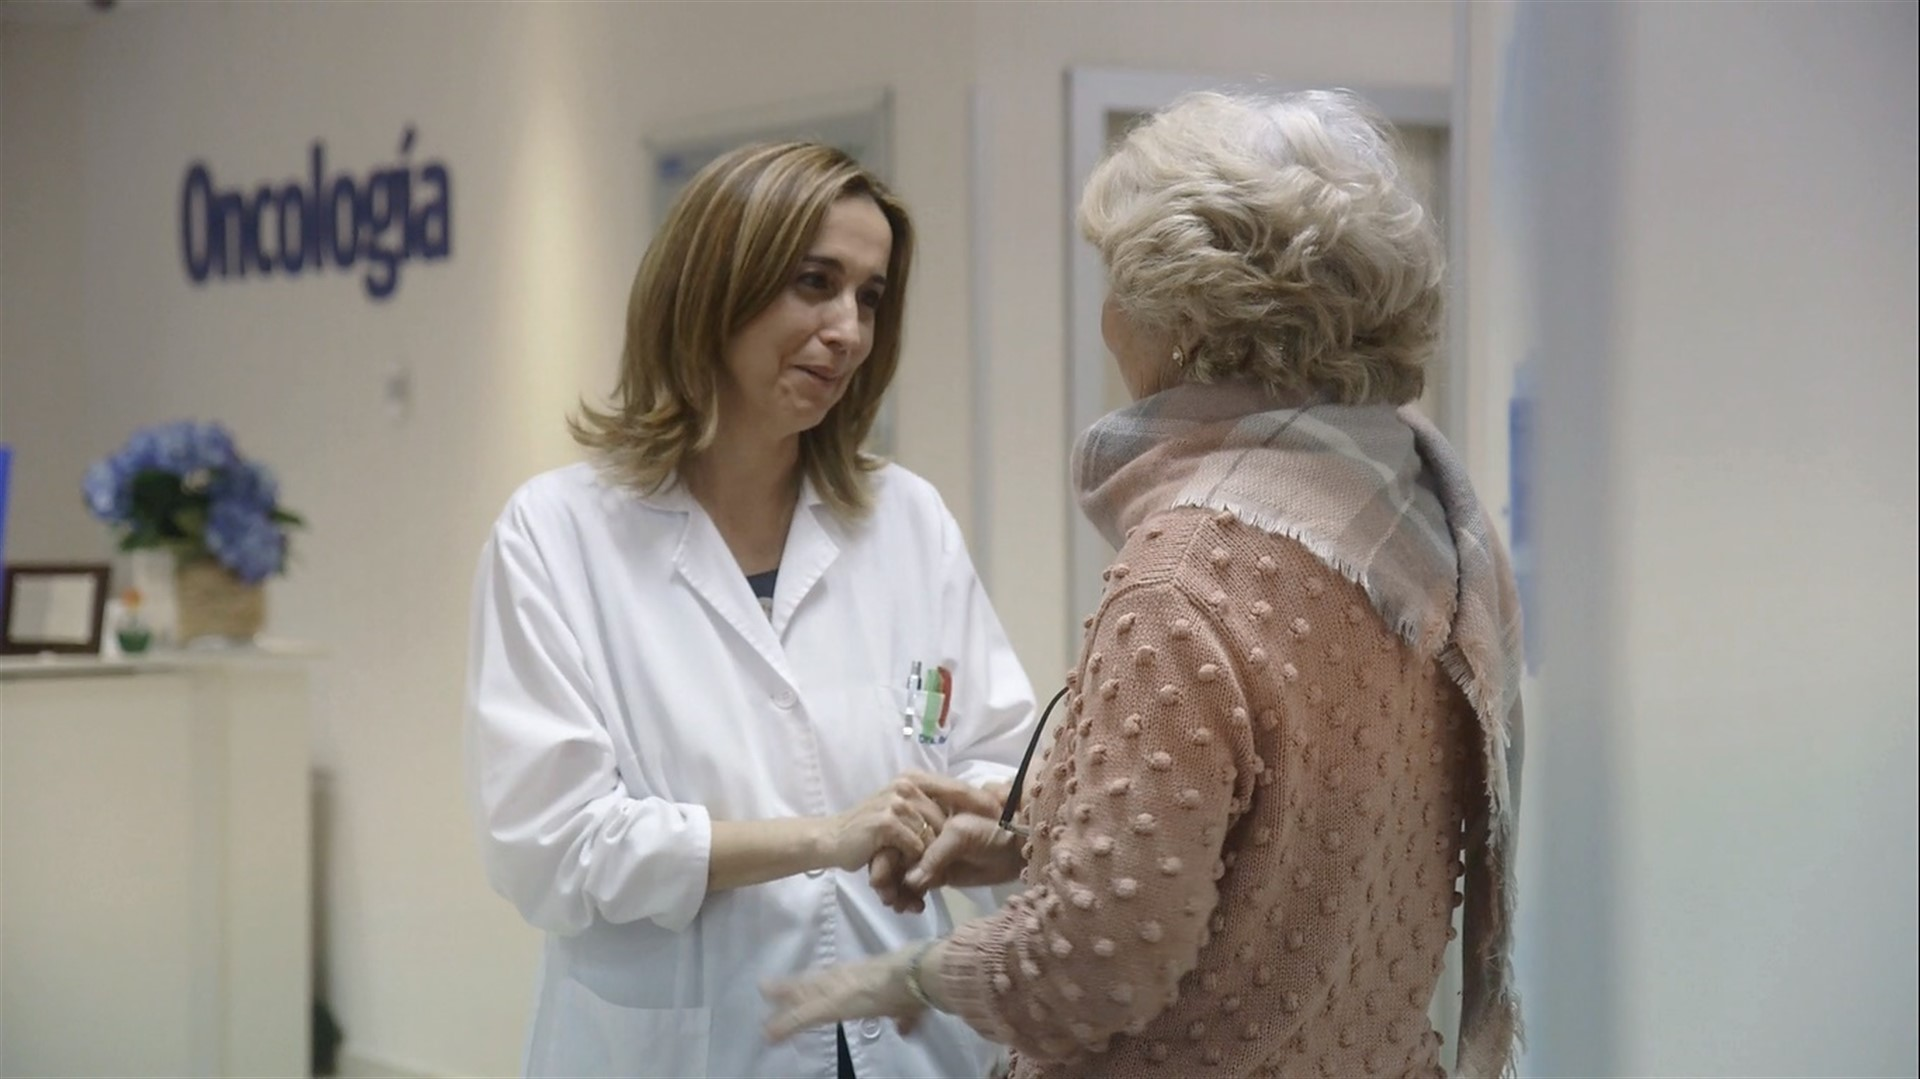 El Colegio de Enfermería de Valladolid crea un decálogo para impulsar la humanización en la atención sanitaria